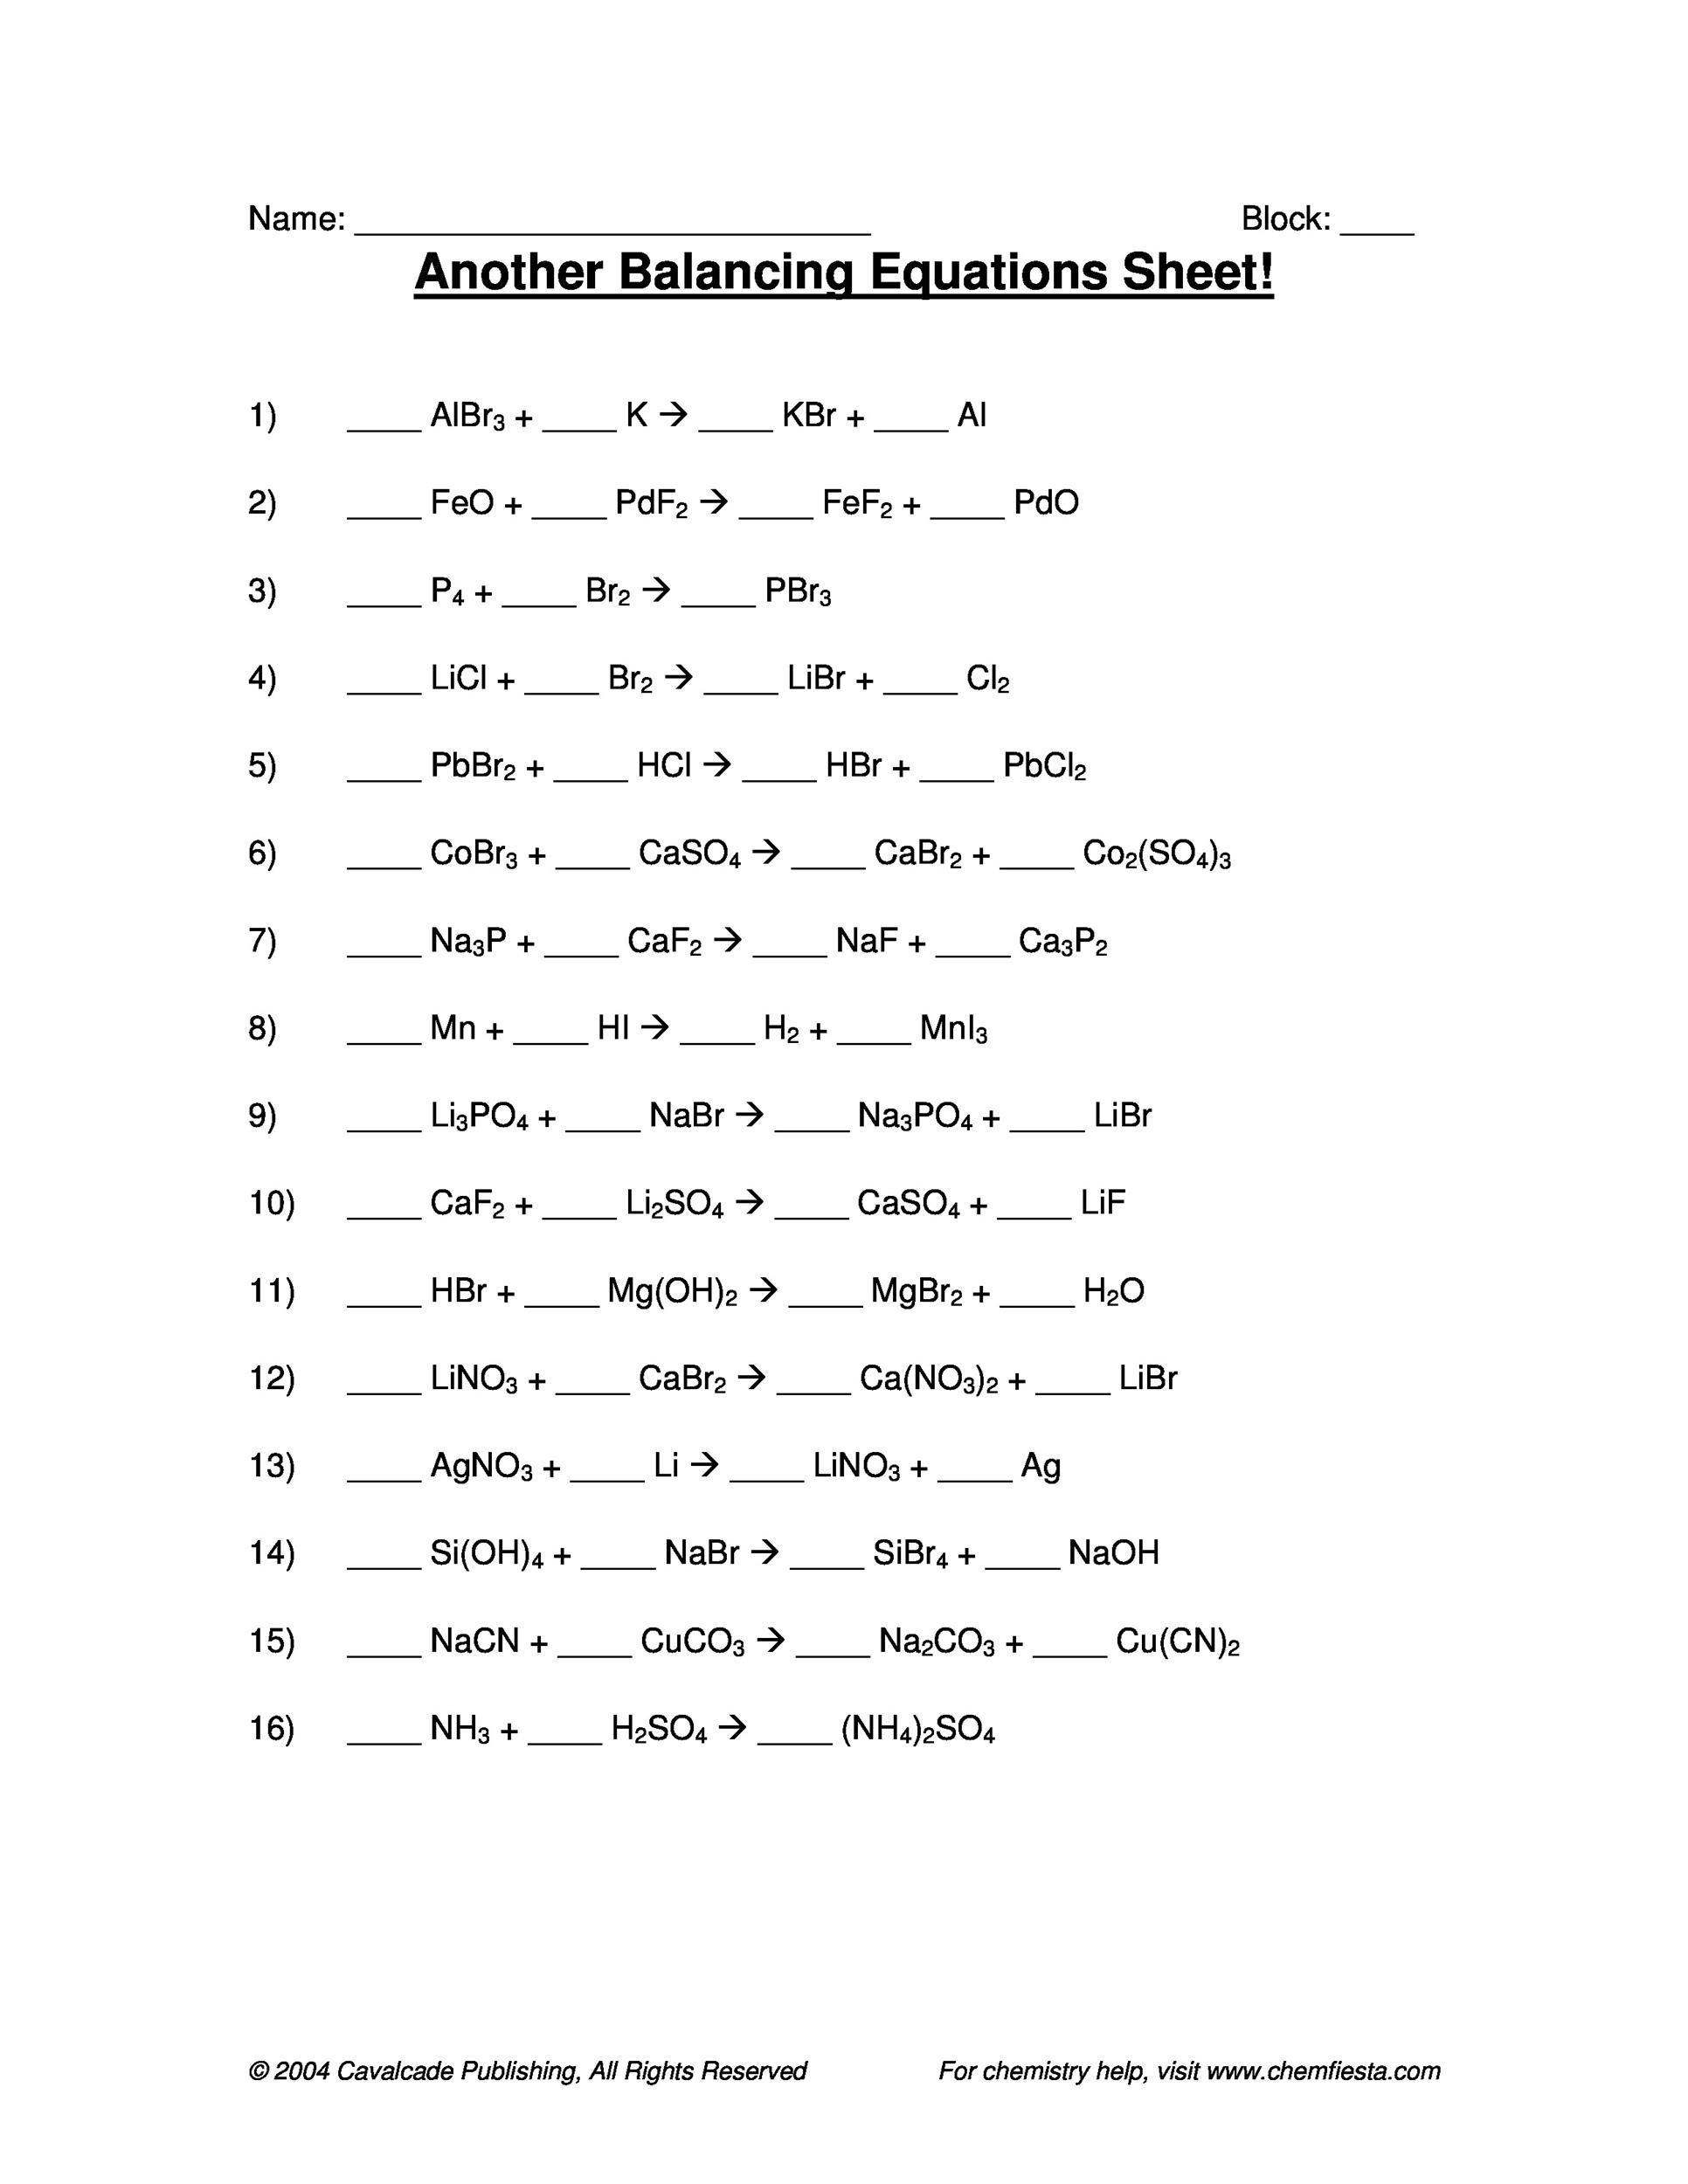 Free balancing equations 20